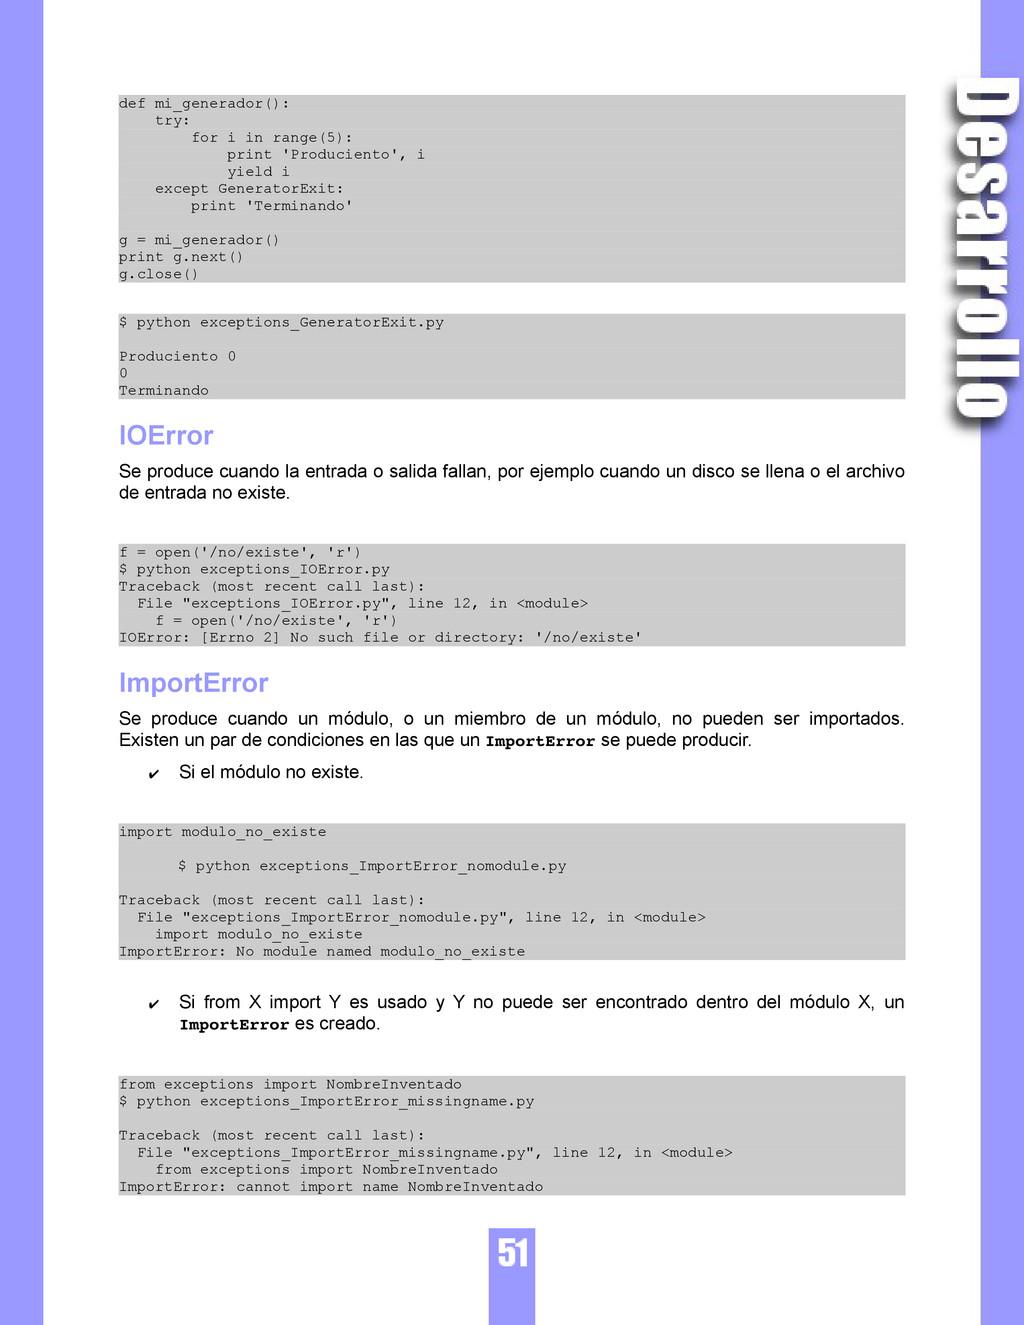 def mi_generador(): try: for i in range(5): pri...